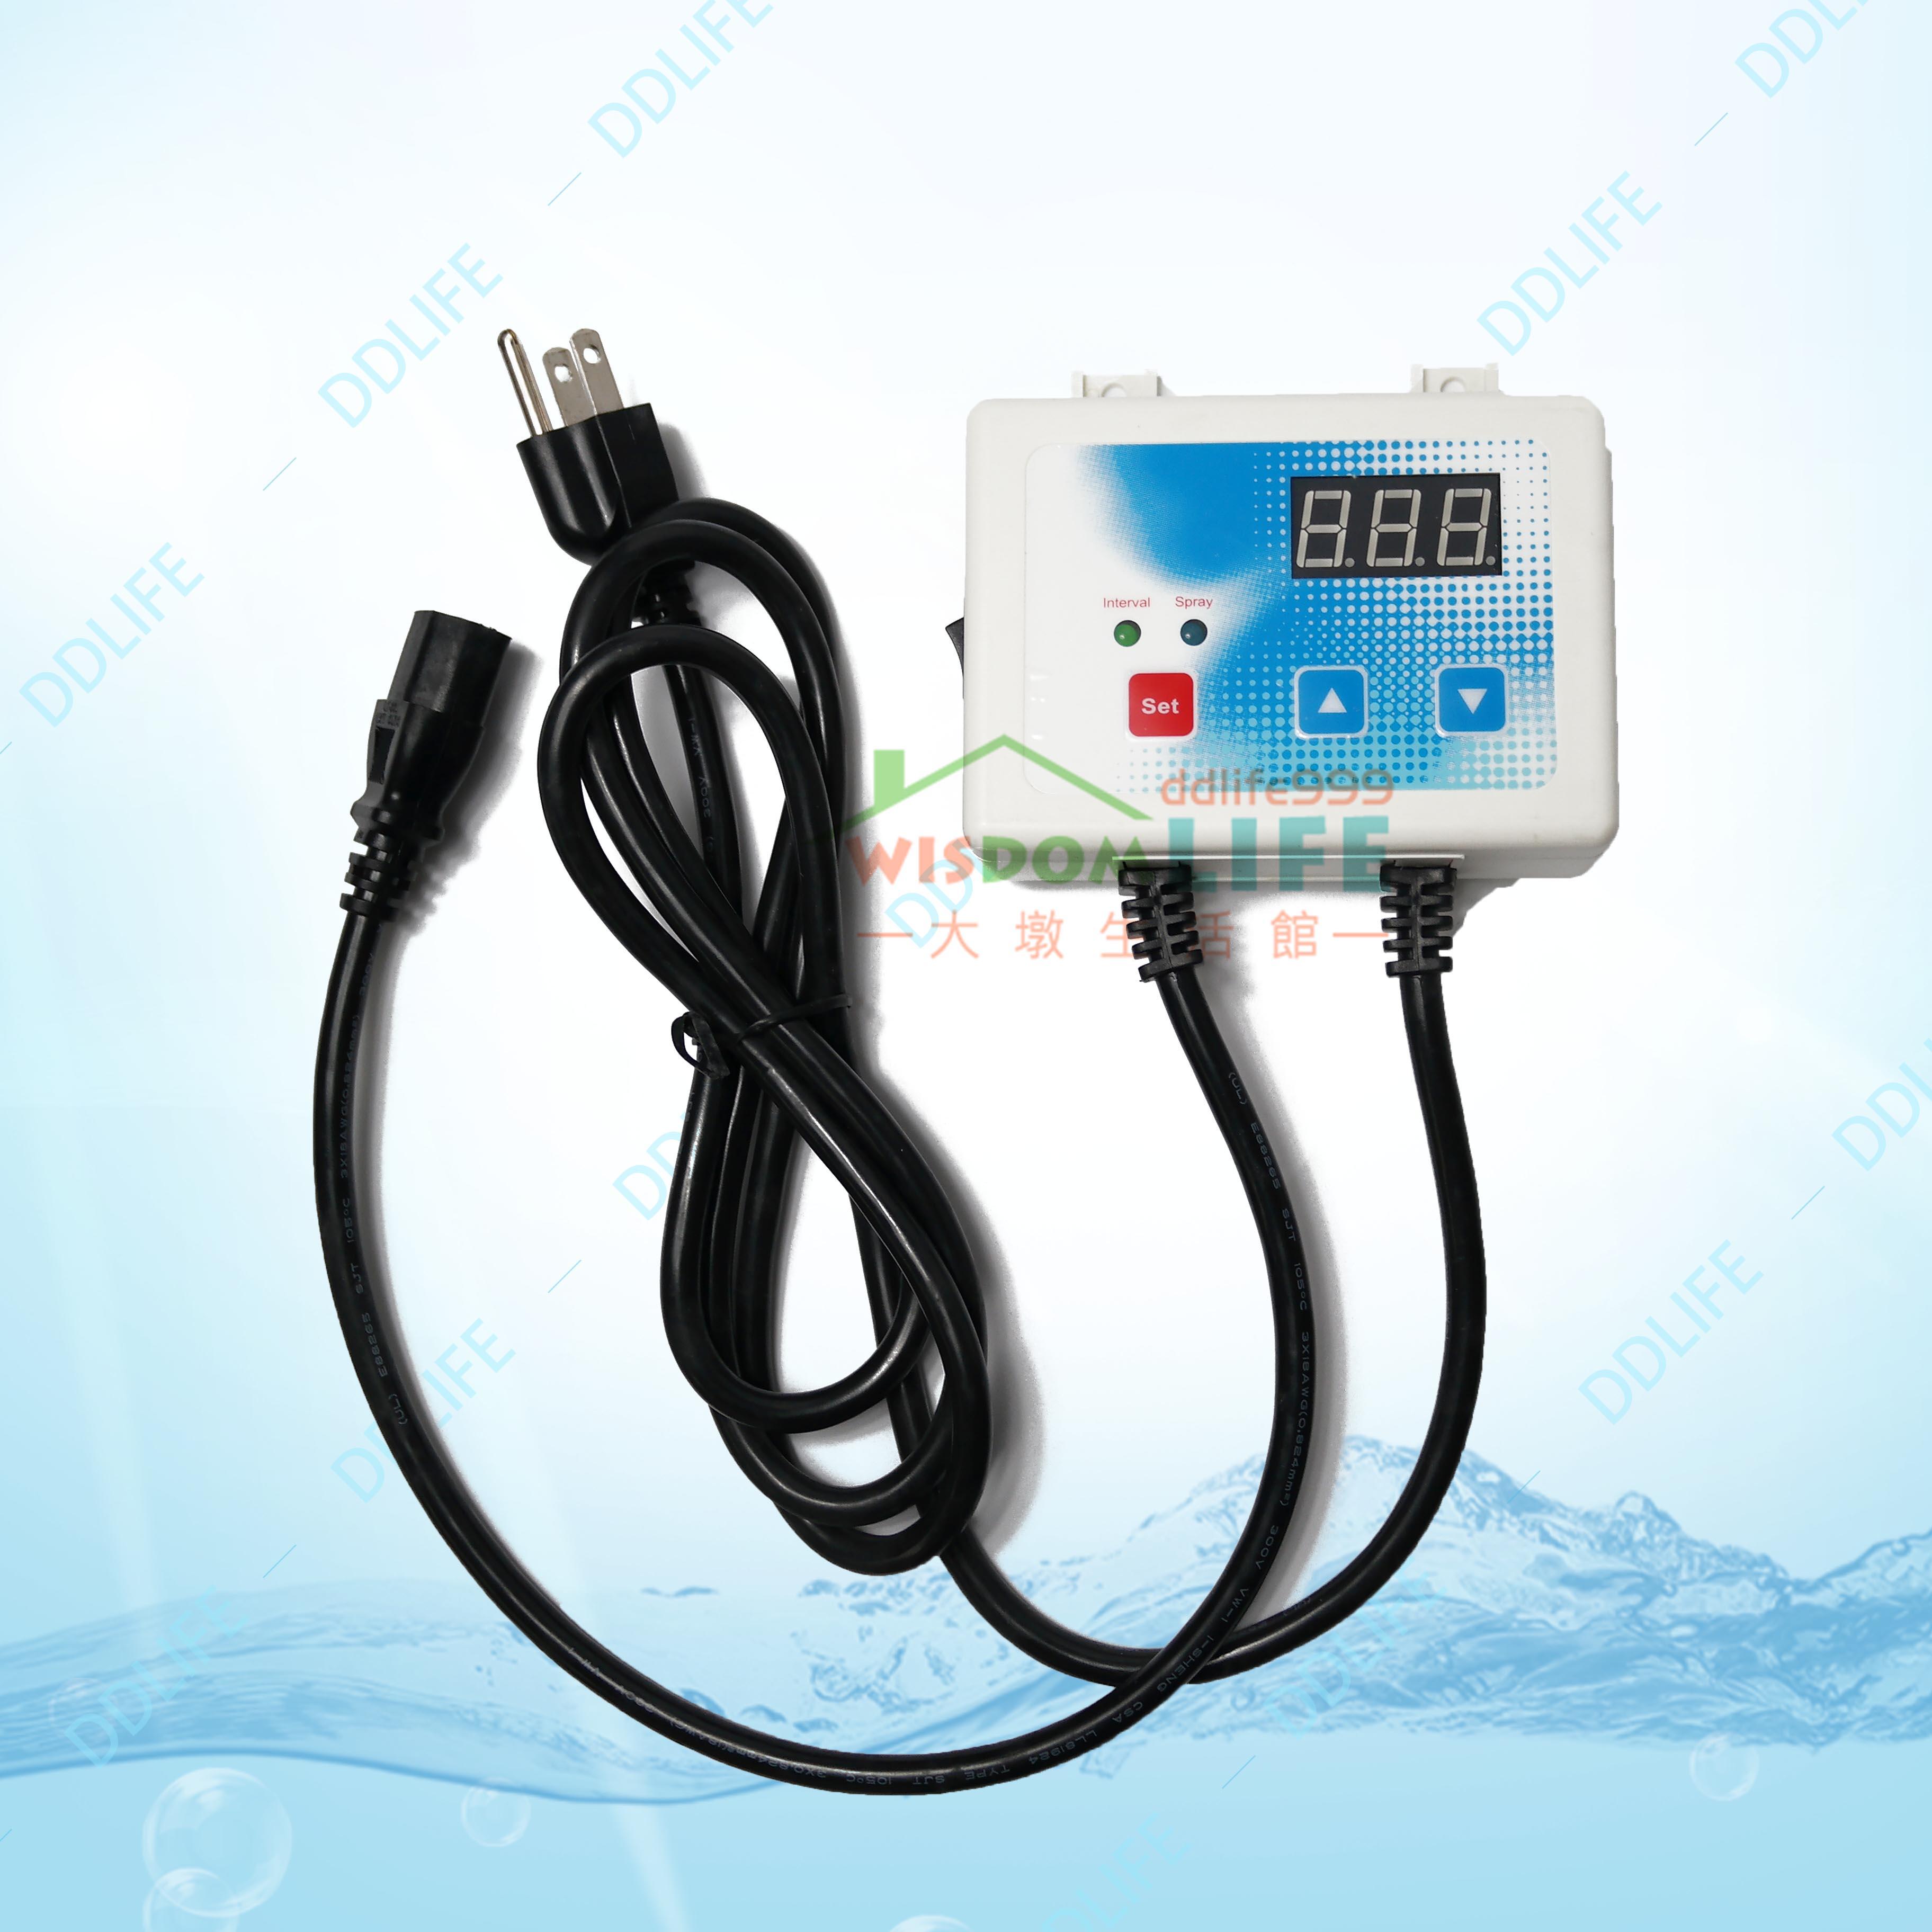 造霧機、加濕機、噴霧機、微霧機、自動噴灌専用電子式時間控制器只賣880元